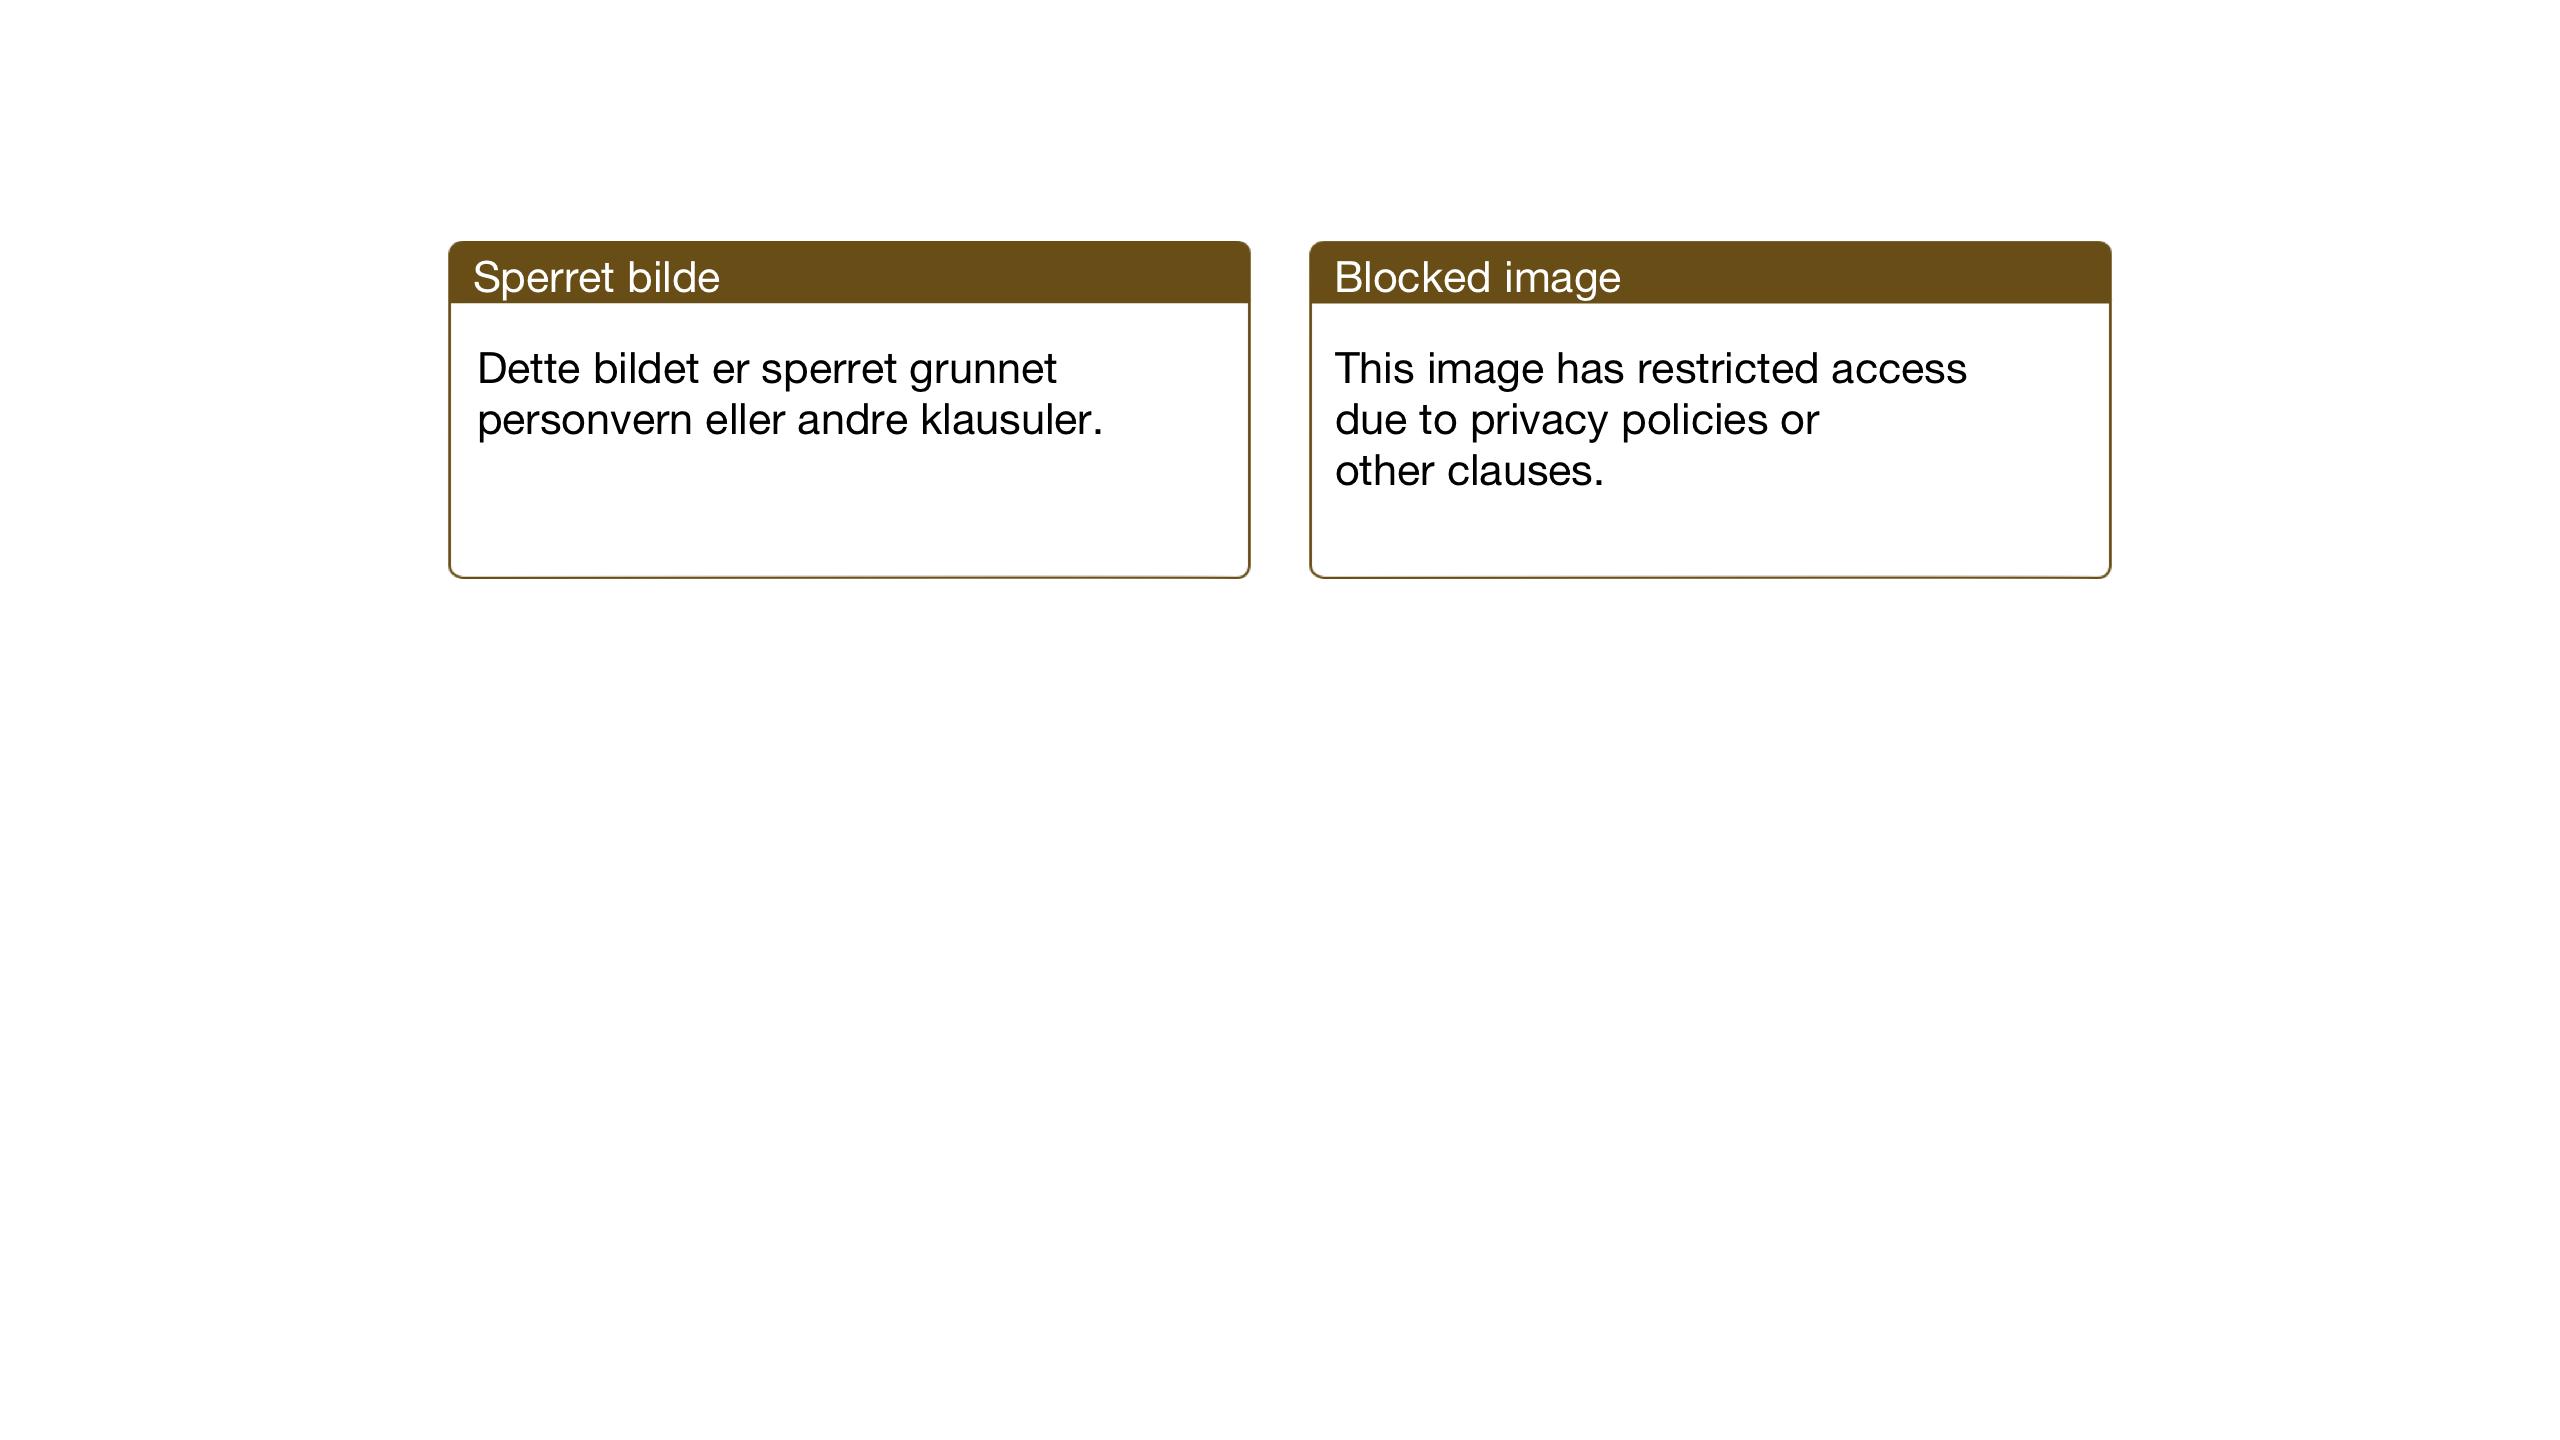 SAT, Ministerialprotokoller, klokkerbøker og fødselsregistre - Nord-Trøndelag, 746/L0456: Klokkerbok nr. 746C02, 1936-1948, s. 37